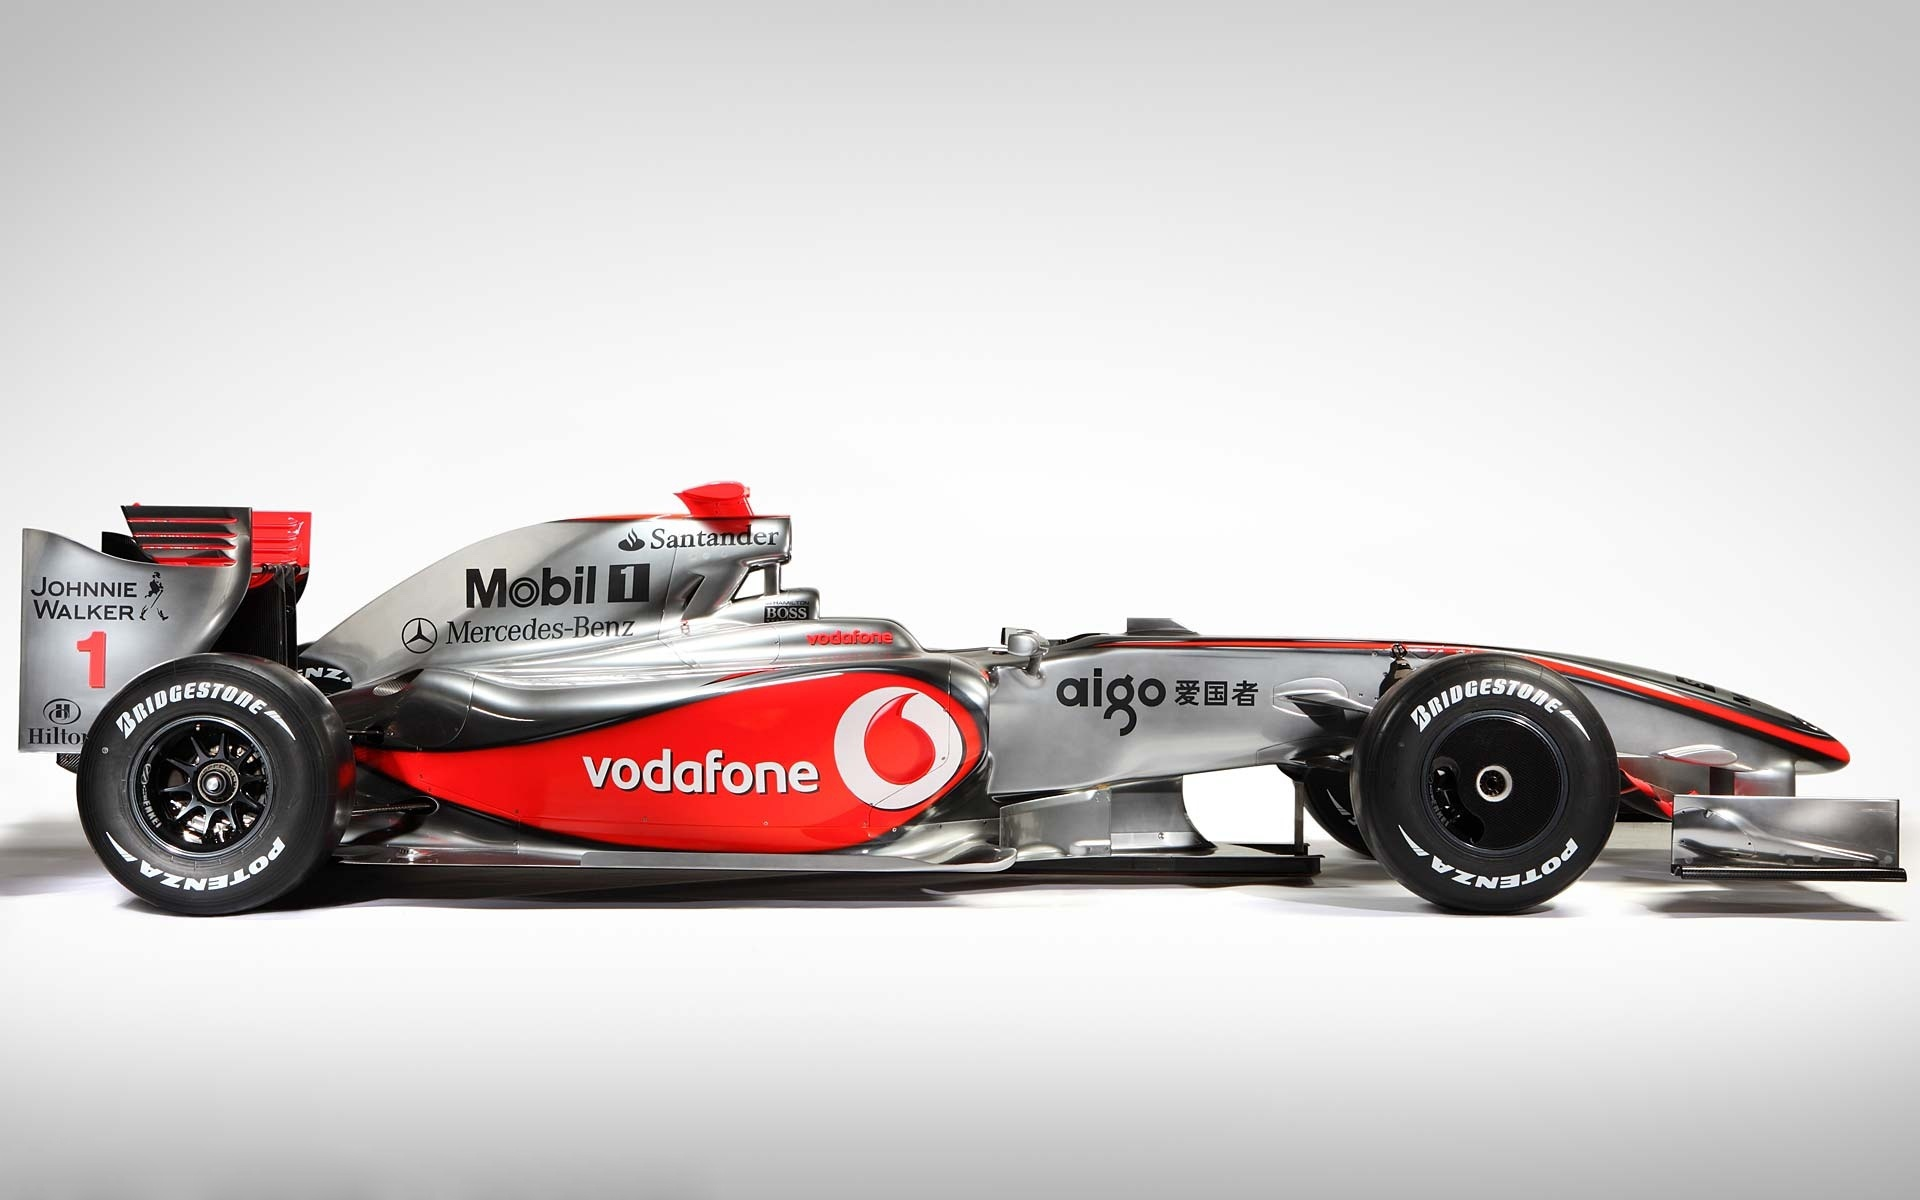 Wallpaper mercedes benz f1 car 1920x1200 hd picture image for Mercedes benz f1 car